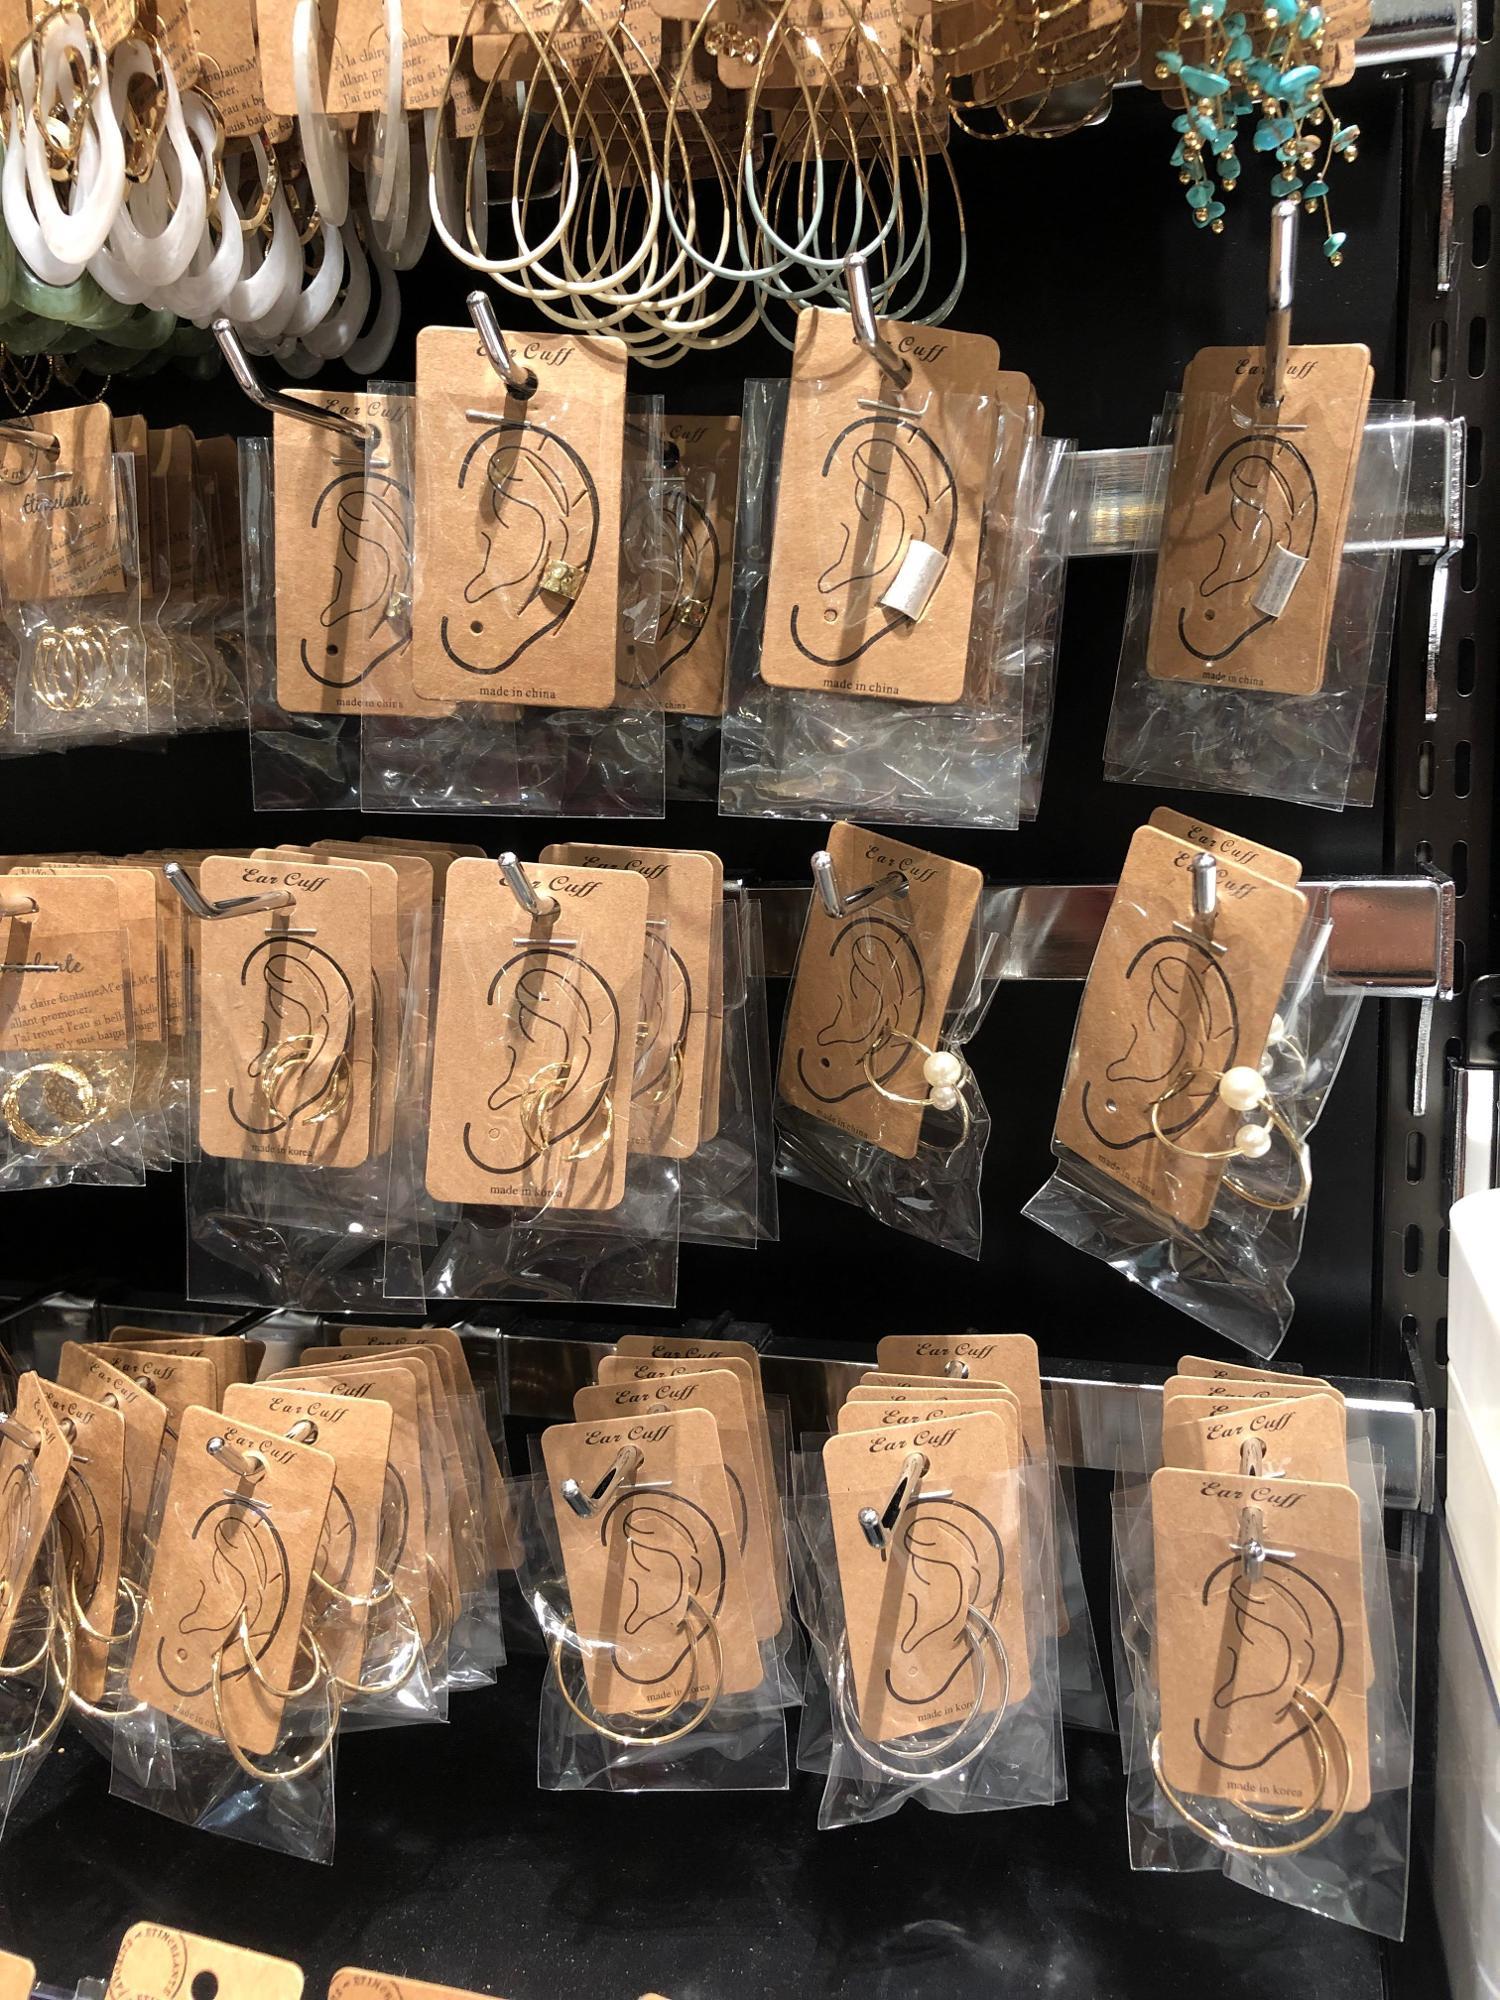 価格は200円〜ととてもお求めやすくなっているイヤーカフ、耳に引っ掛ける形なので、ピアスの穴が開いていなくても着用できるのが魅力